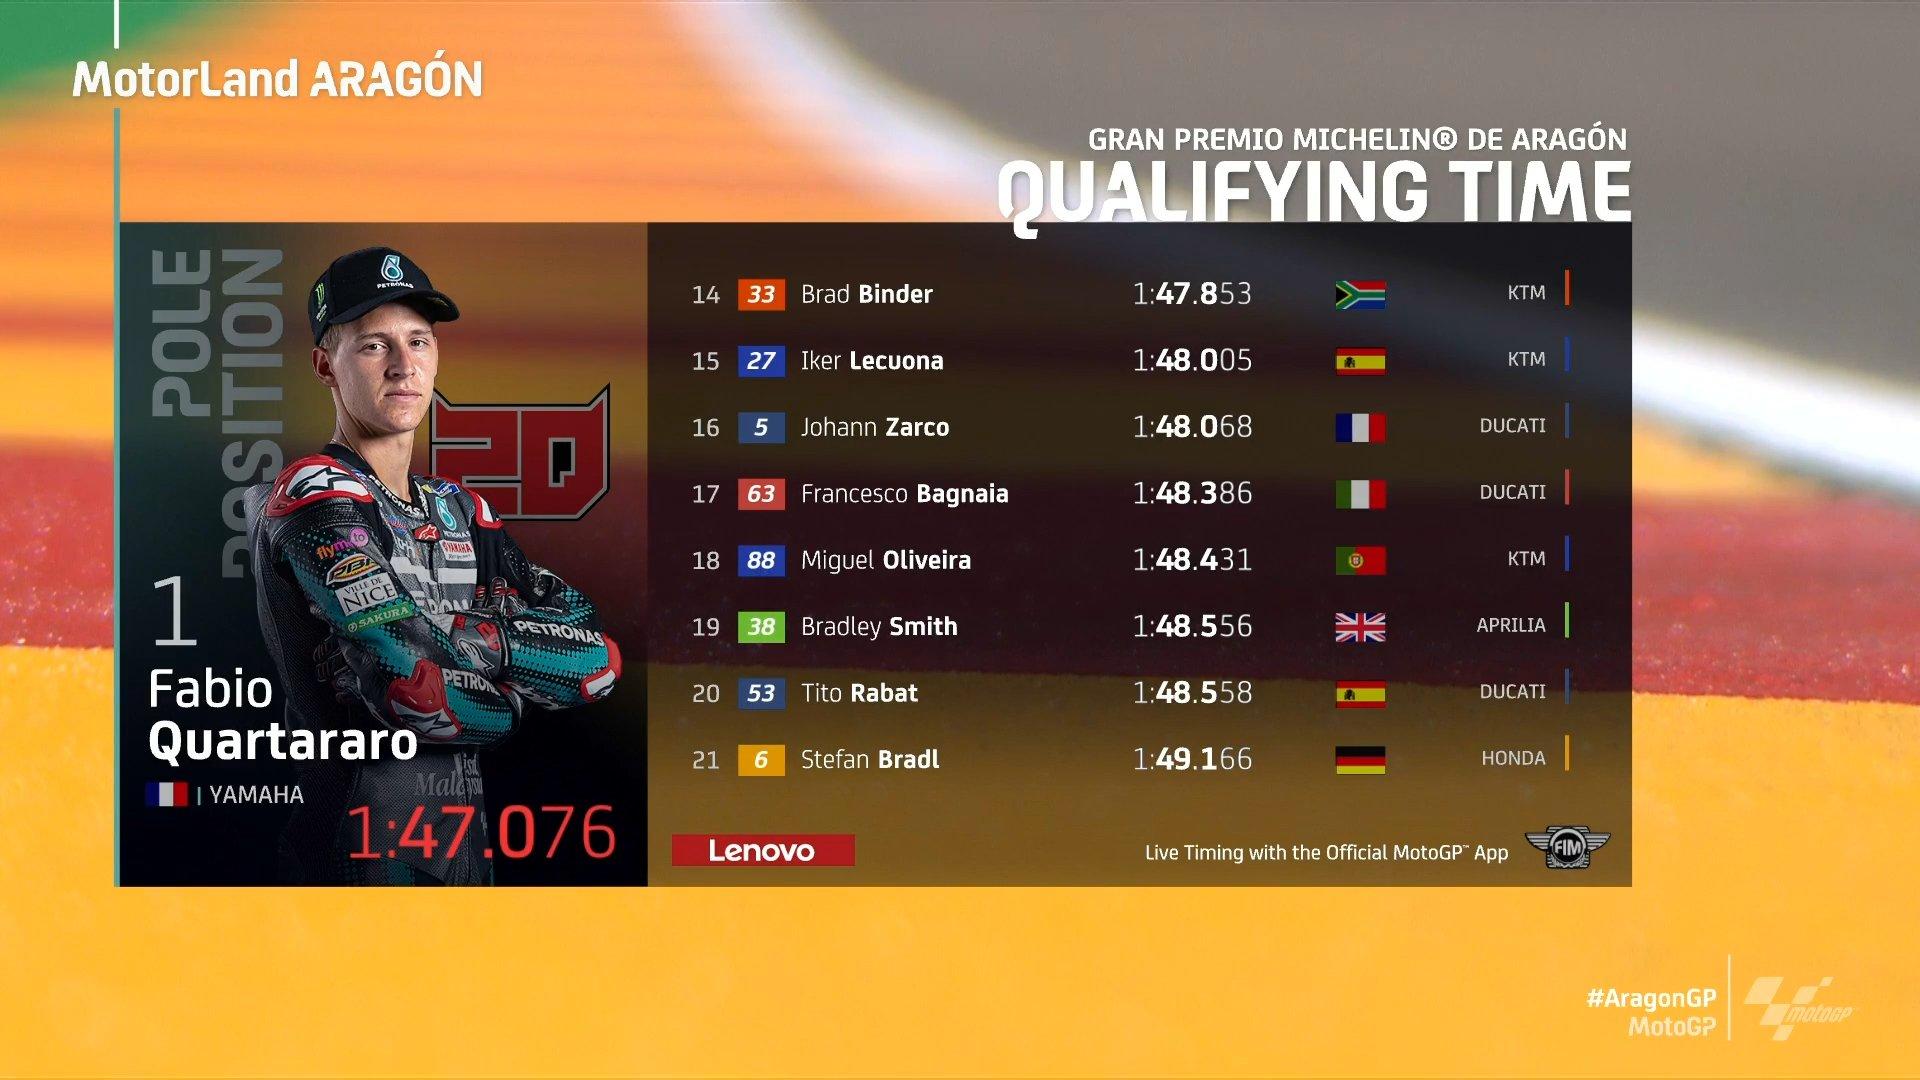 Así queda la clasificación para la parrilla de salida del GP de Aragón de MotoGP hoy